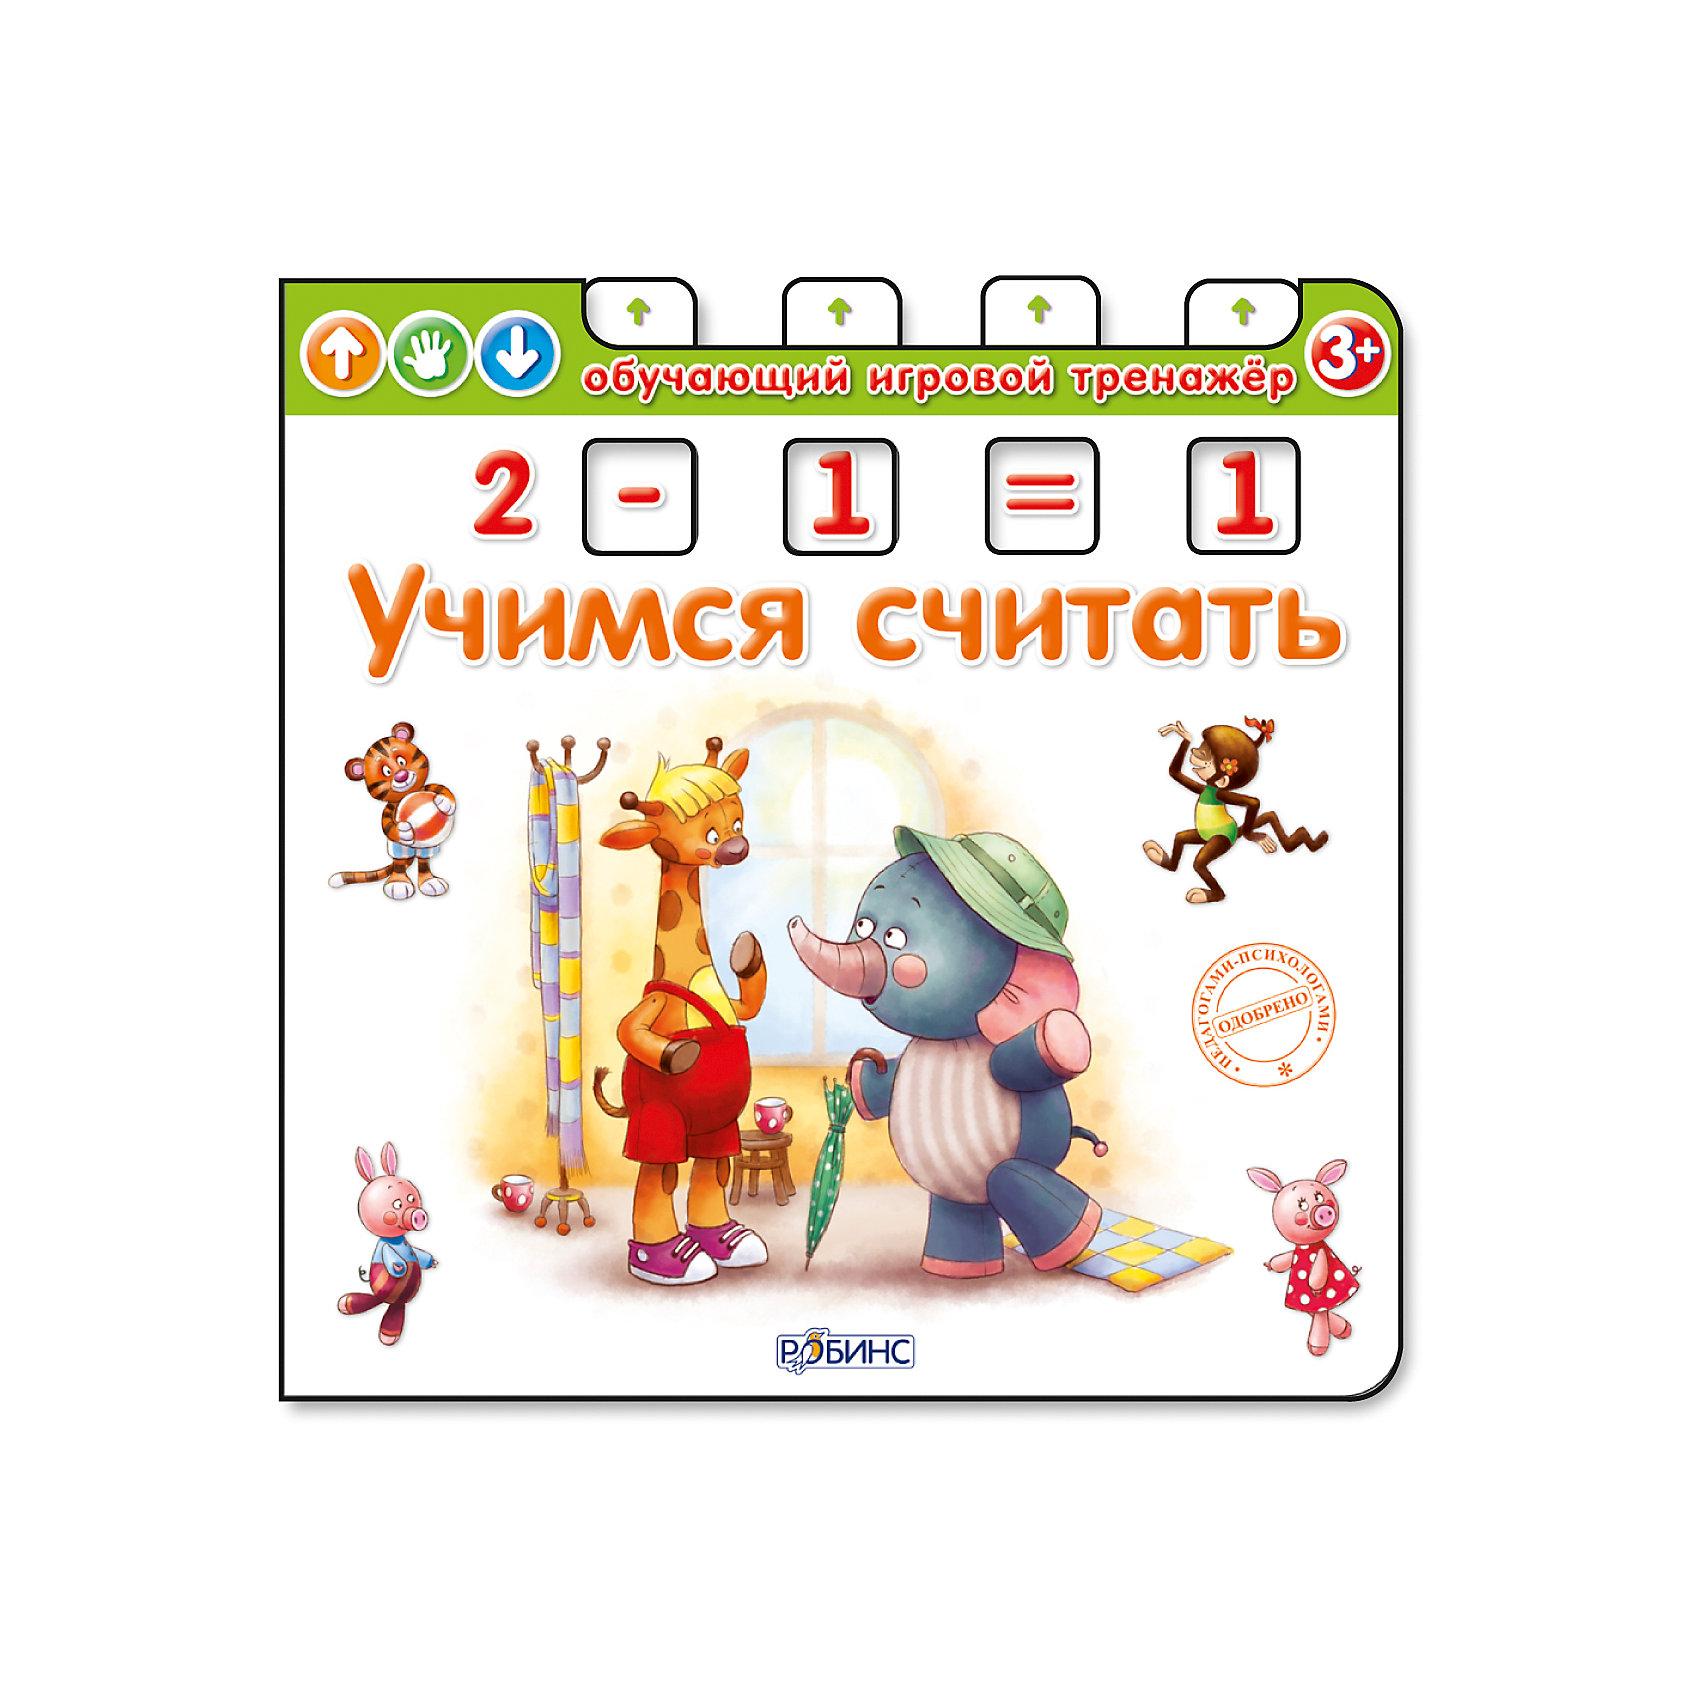 Обучающий игровой тренажер  Учимся считатьОбучающий игровой тренажер  Учимся считать – это необычная книжка-игрушка, которая поможет вашему ребенку научиться считать.<br>Обучающий тренажёр Учимся считать – уникальная технология, разработанная детскими психологами и позволяющая улучшать память, внимание, мышление и логические способности, готовить детей к школе. С помощью этой книги ваш ребенок сможет освоить устный счет, а помогут ему в этом веселые стихи о дружных зверятах. На каждой странице книги имеются 4 окошка и 4 подвижных элемента-язычка, на которых есть цифры и математические знаки. Передвигая язычки, ваш ребенок будет выполнять игровые задания и собрать в окошках примеры. Задания выстроены по принципу от простого к сложному и будут интересны для детей с разным уровнем подготовки. Выполняя определённые задания и экспериментируя с тренажёром, ваш малыш будет одновременно играть, и обучаться. Страницы в книге очень толстые. Они не рвутся, не мнутся и легко переворачиваются.<br><br>Дополнительная информация:<br><br>- Редактор: Наталья Ерофеева<br>- Издательство: Робинс<br>- Серия: Обучающий игровой тренажер<br>- Переплет: картон<br>- Оформление: вырубка, выдвигающиеся элементы<br>- Количество страниц: 10 (картон)<br>- Иллюстрации: цветные<br>- Размер: 260 х 260 х 25 мм.<br>- Вес: 855 гр.<br><br>Книгу Обучающий игровой тренажер  Учимся считать можно купить в нашем интернет-магазине.<br><br>Ширина мм: 260<br>Глубина мм: 260<br>Высота мм: 25<br>Вес г: 855<br>Возраст от месяцев: 36<br>Возраст до месяцев: 72<br>Пол: Унисекс<br>Возраст: Детский<br>SKU: 4050240